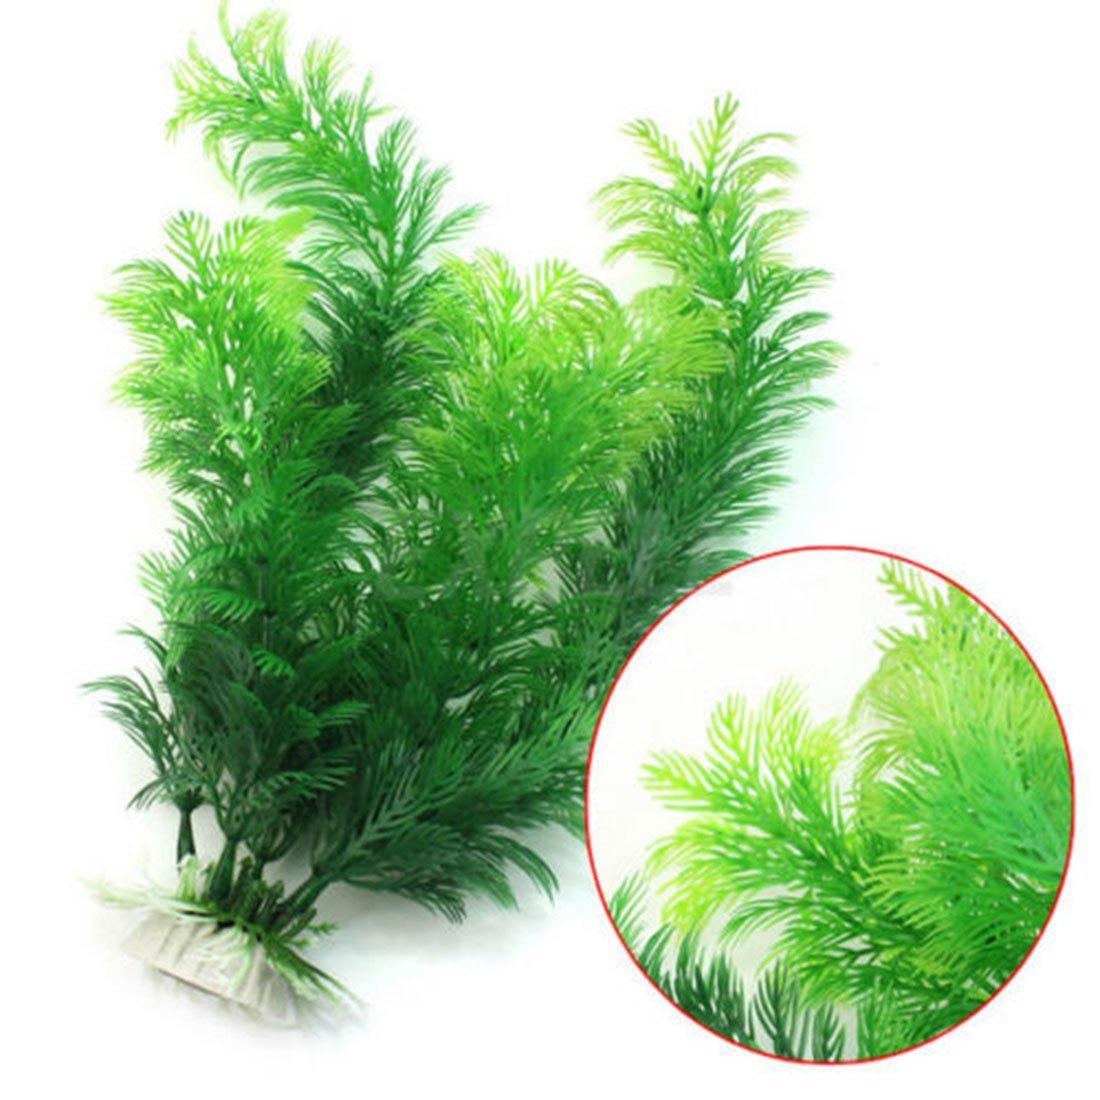 Plantes artificielles en plastique pour Aquarium Fiah Tank ornements décor Luwu-Store